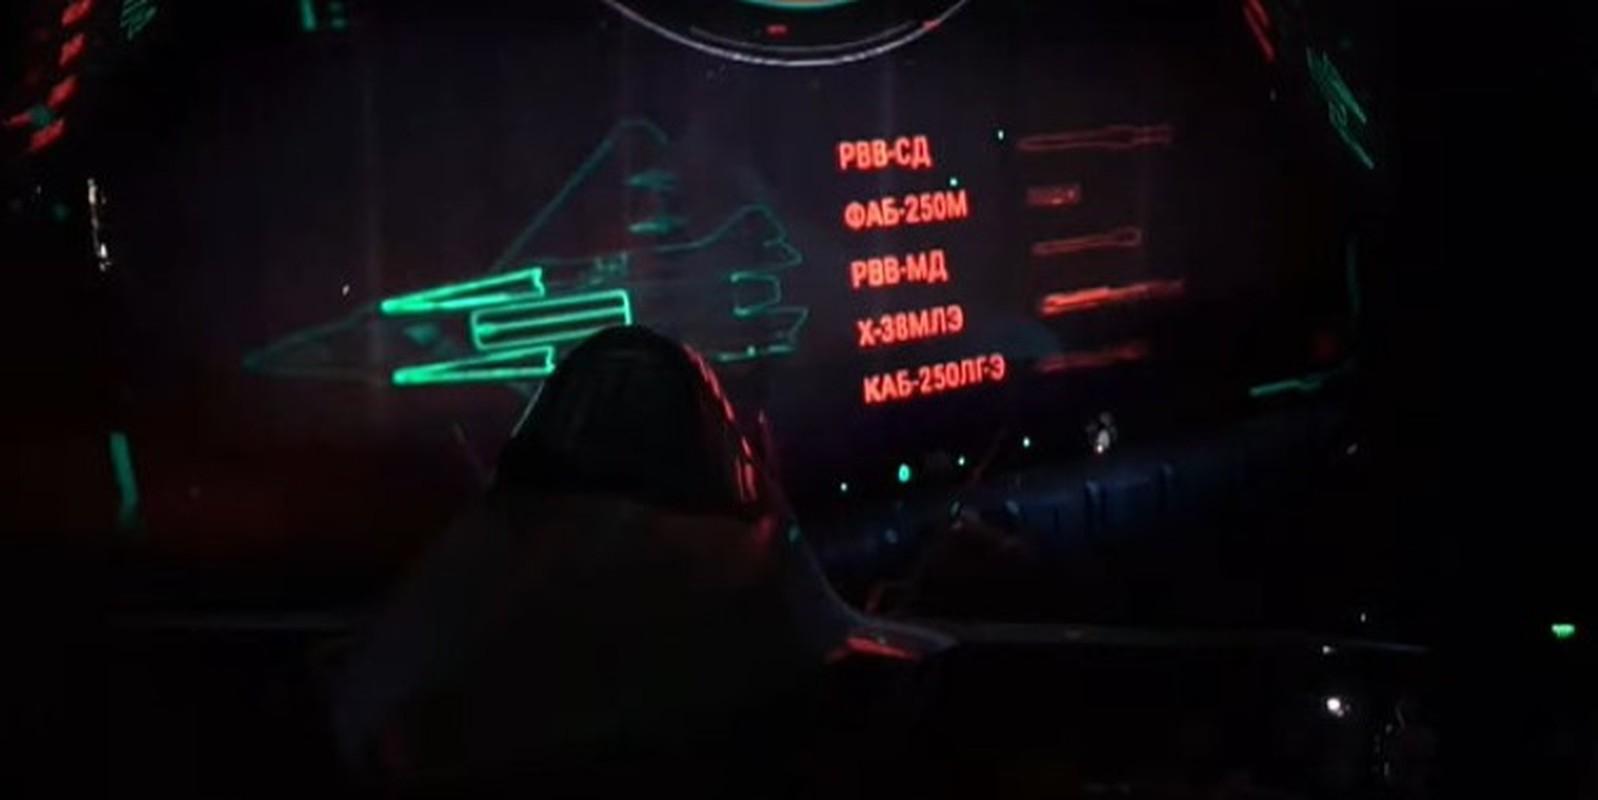 Khoang vu khi cua Su-75 khong khit: La tinh nang chu khong phai loi!-Hinh-3